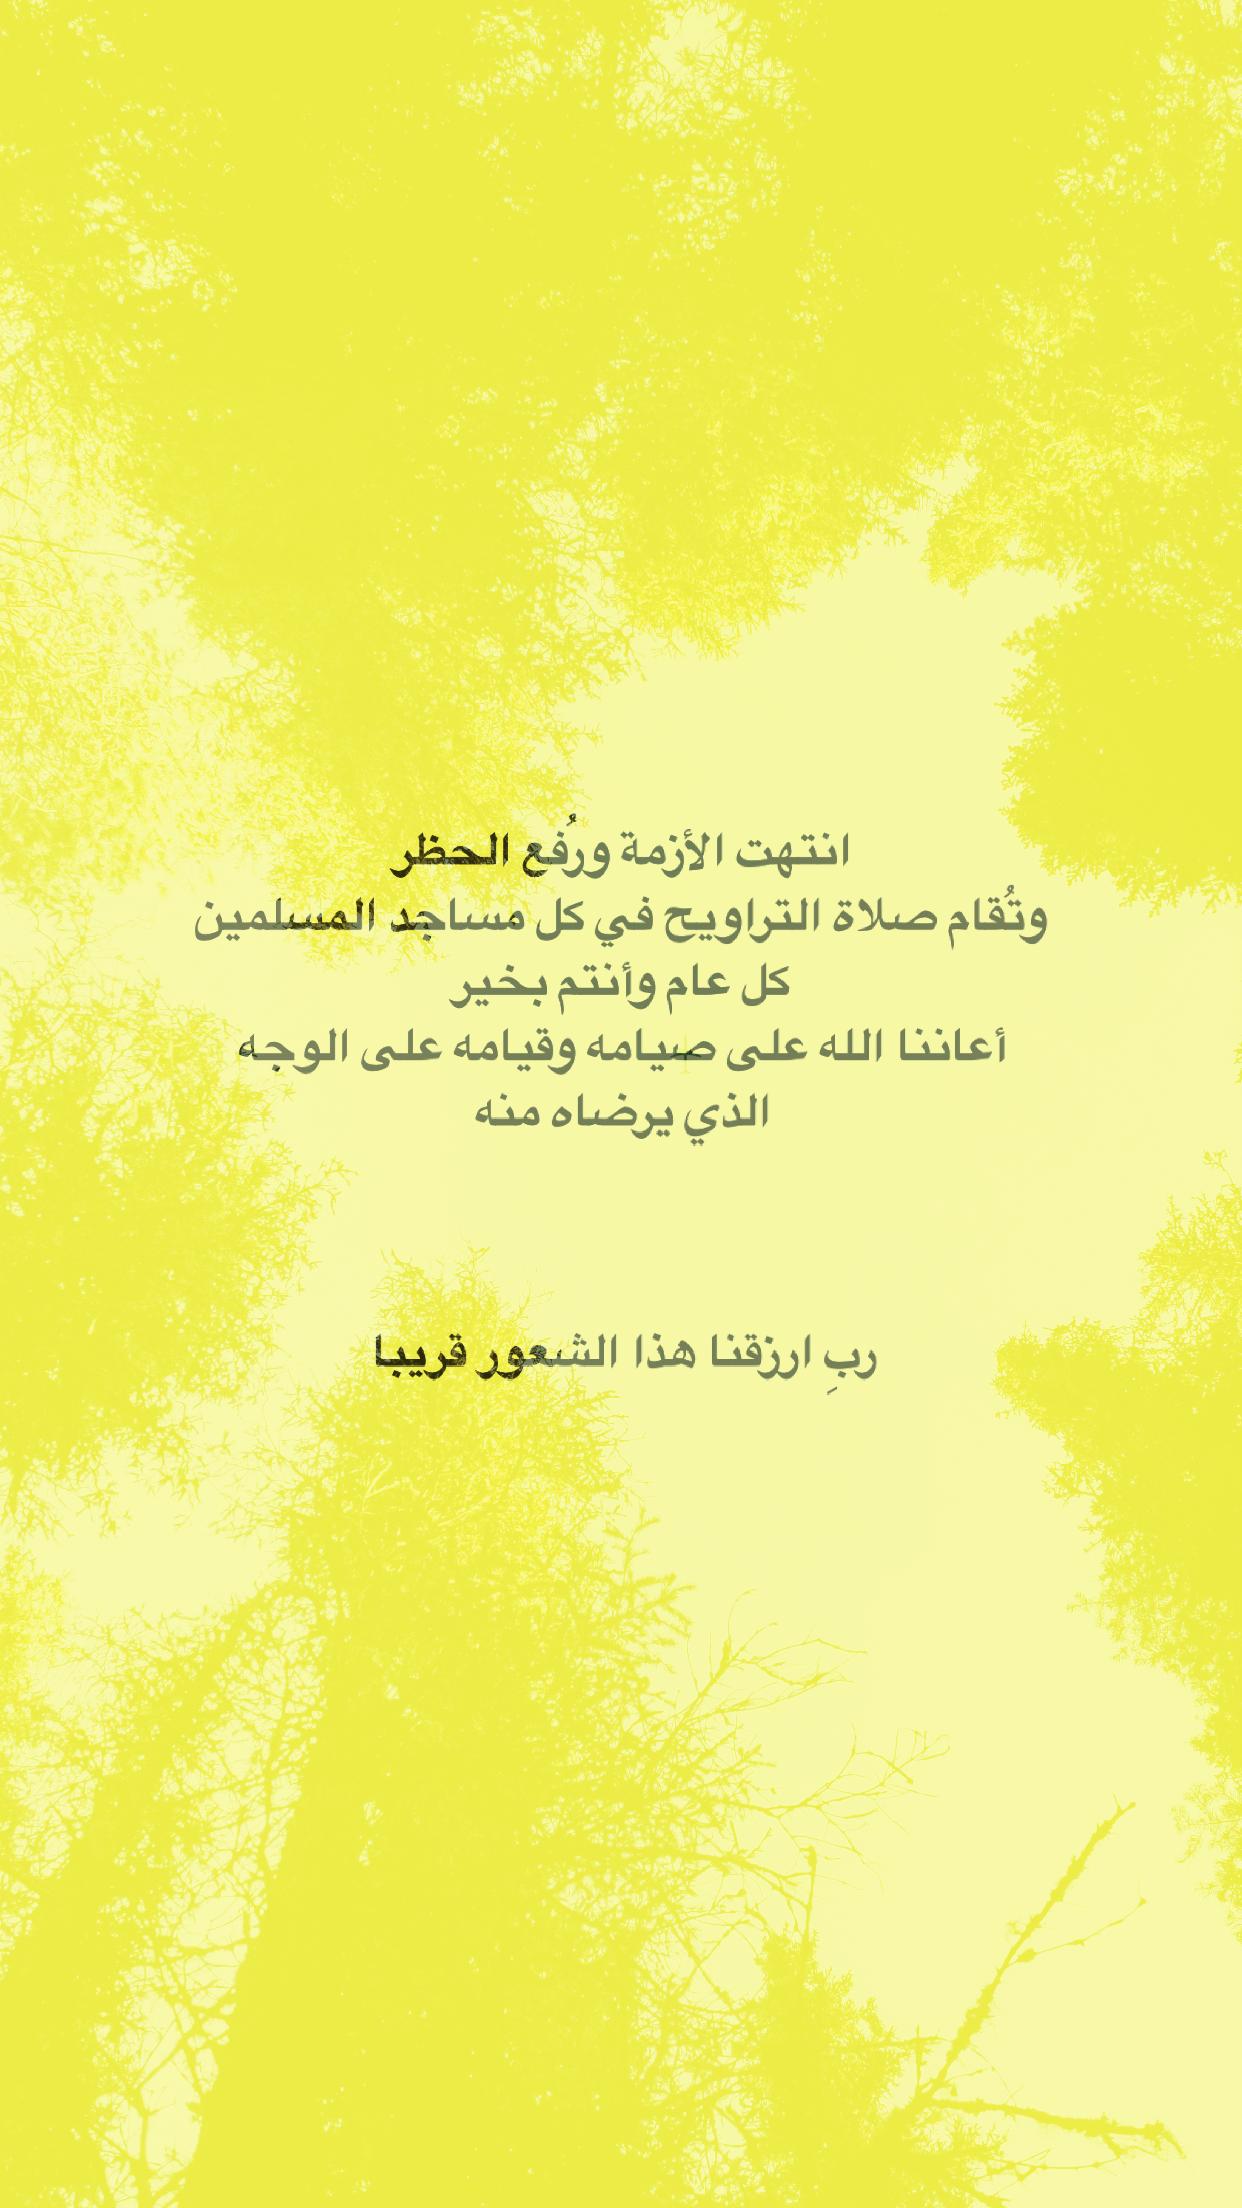 اللهم ارفع عنا الوباء والبلاء Movie Posters Poster Movies